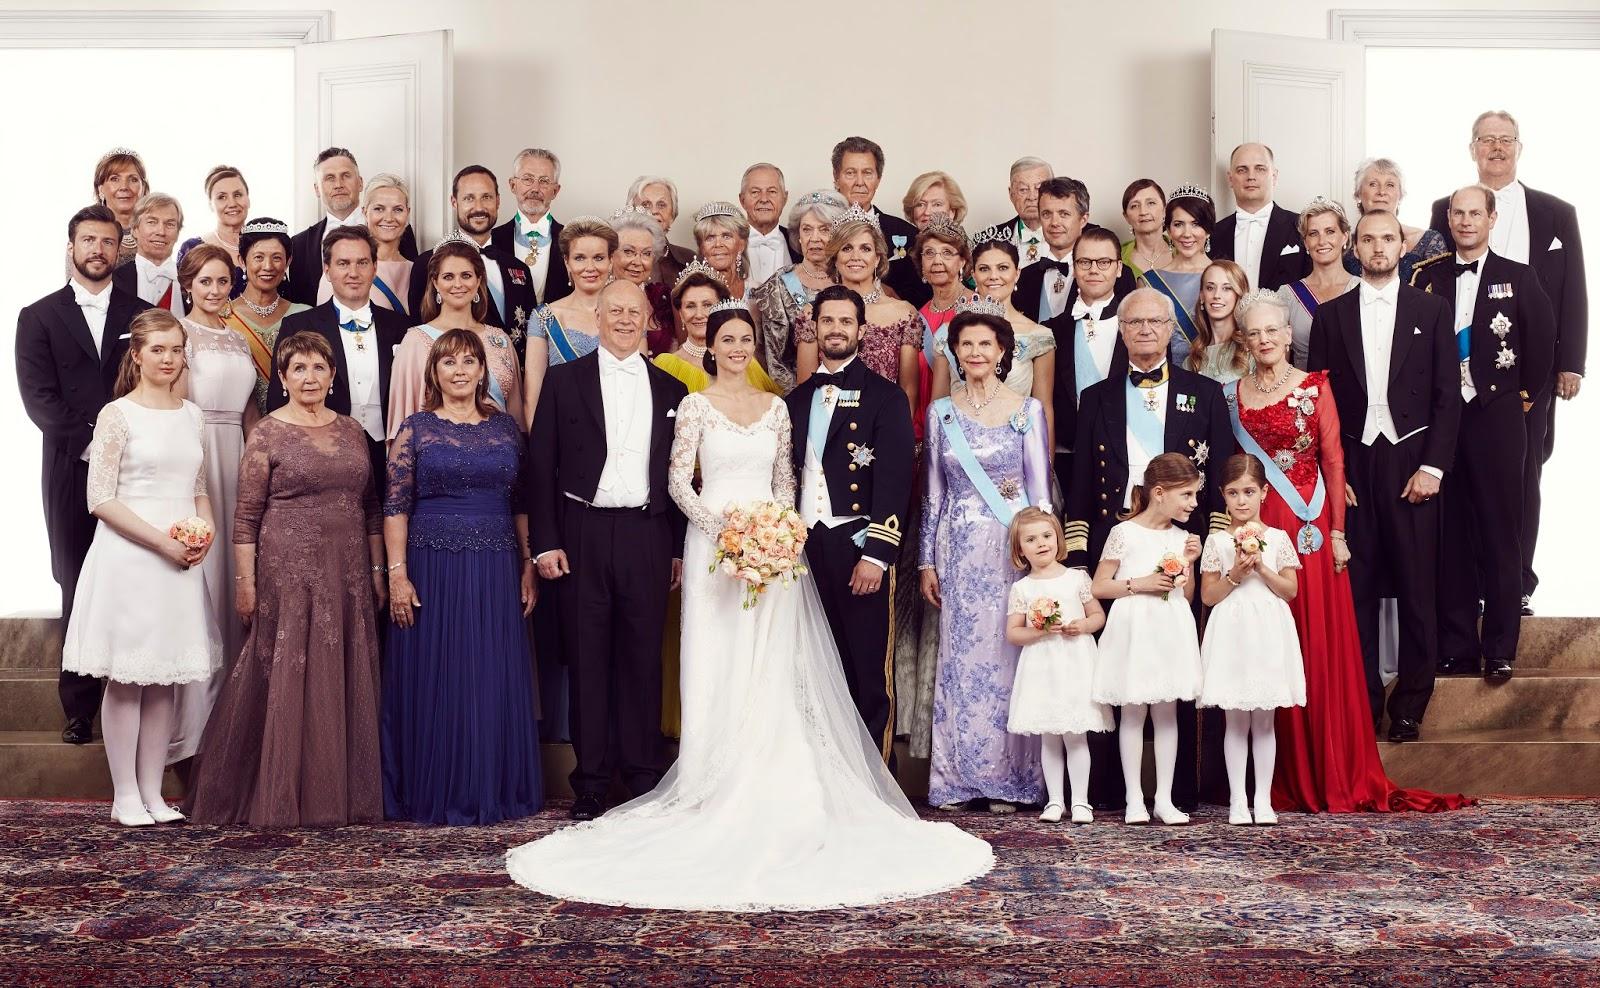 Royal Weddings 2015: The Official Photos